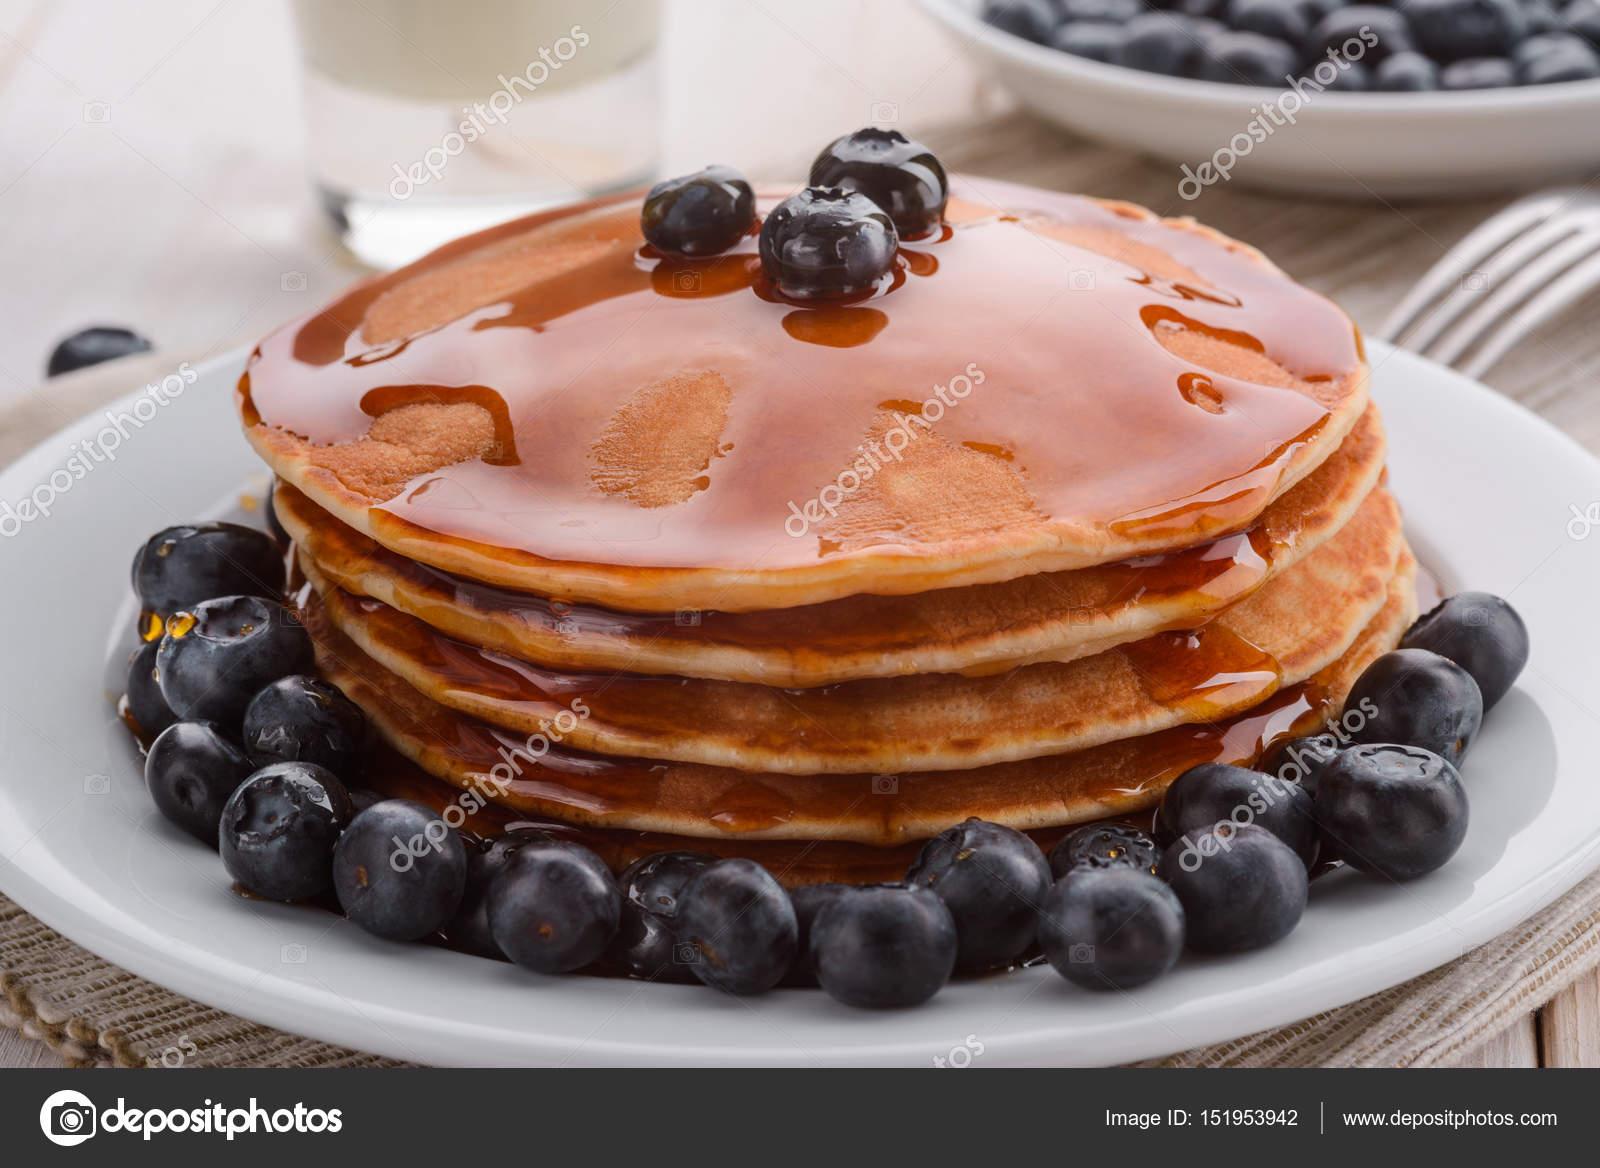 Amerikanische Pfannkuchen Zum Fruhstuck Stockfoto C Ygphoto 151953942